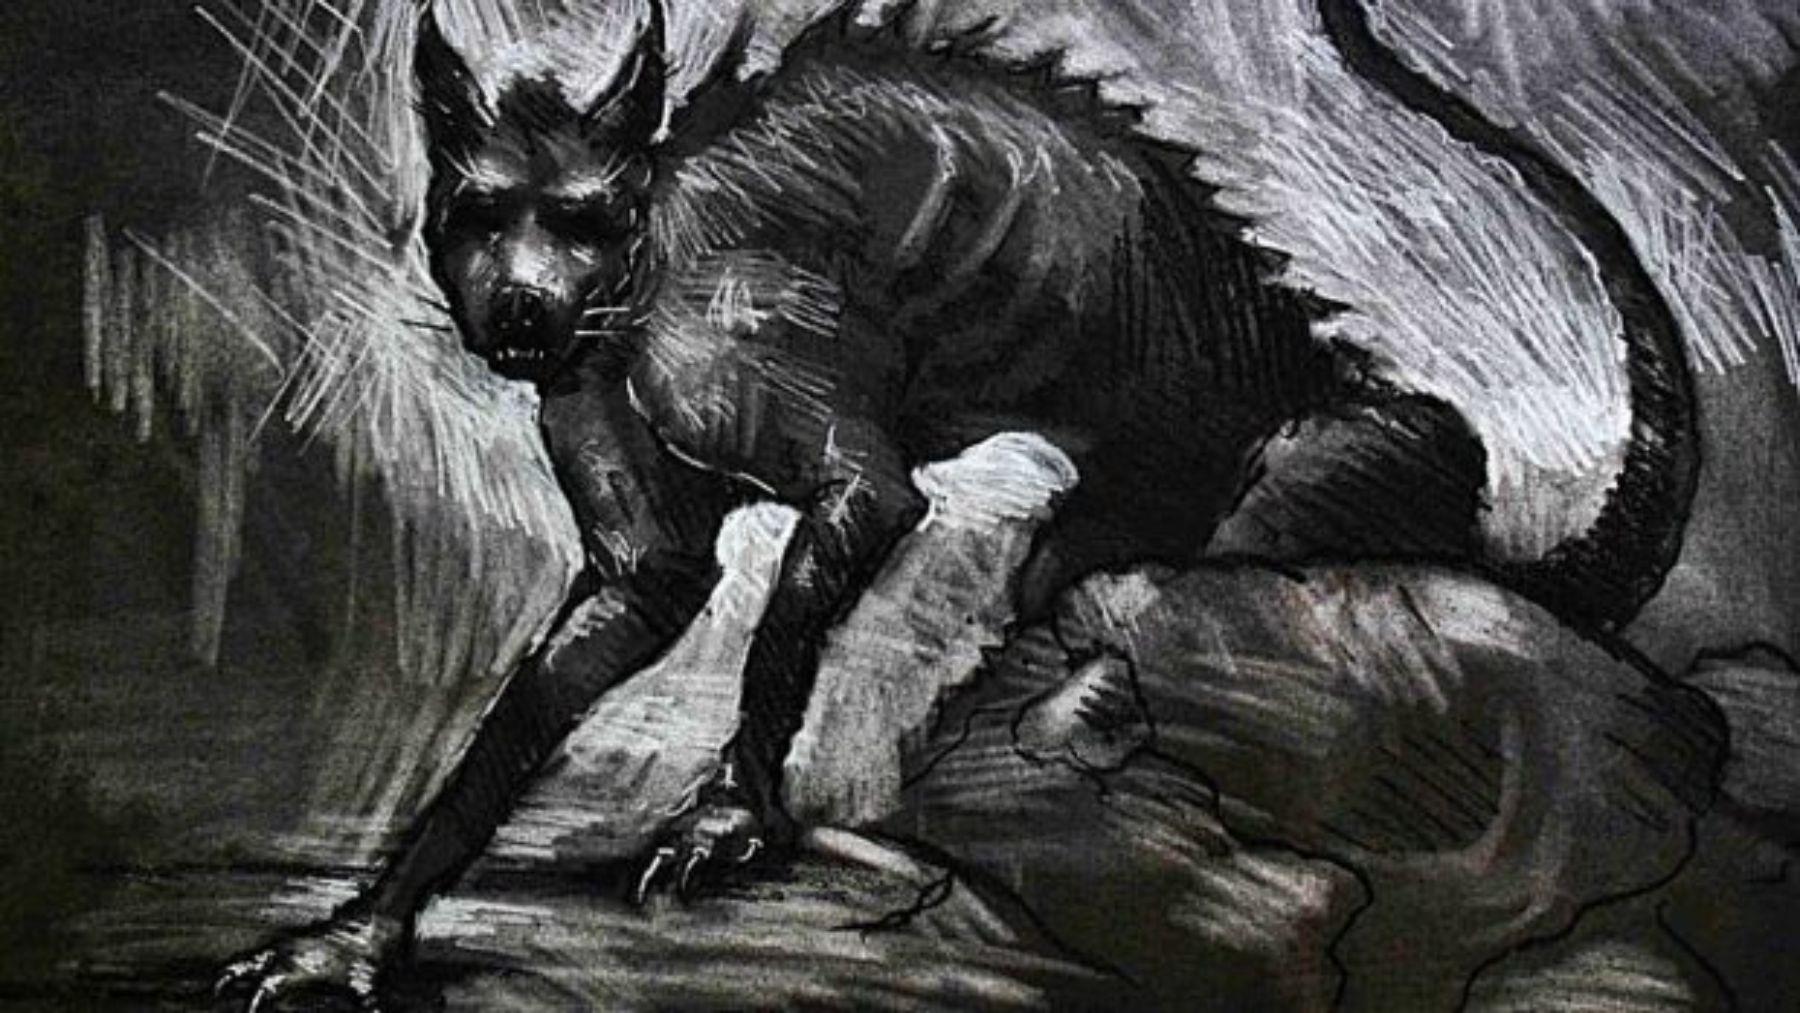 Descubre quien es esta misteriosa criatura y cuándo apareció